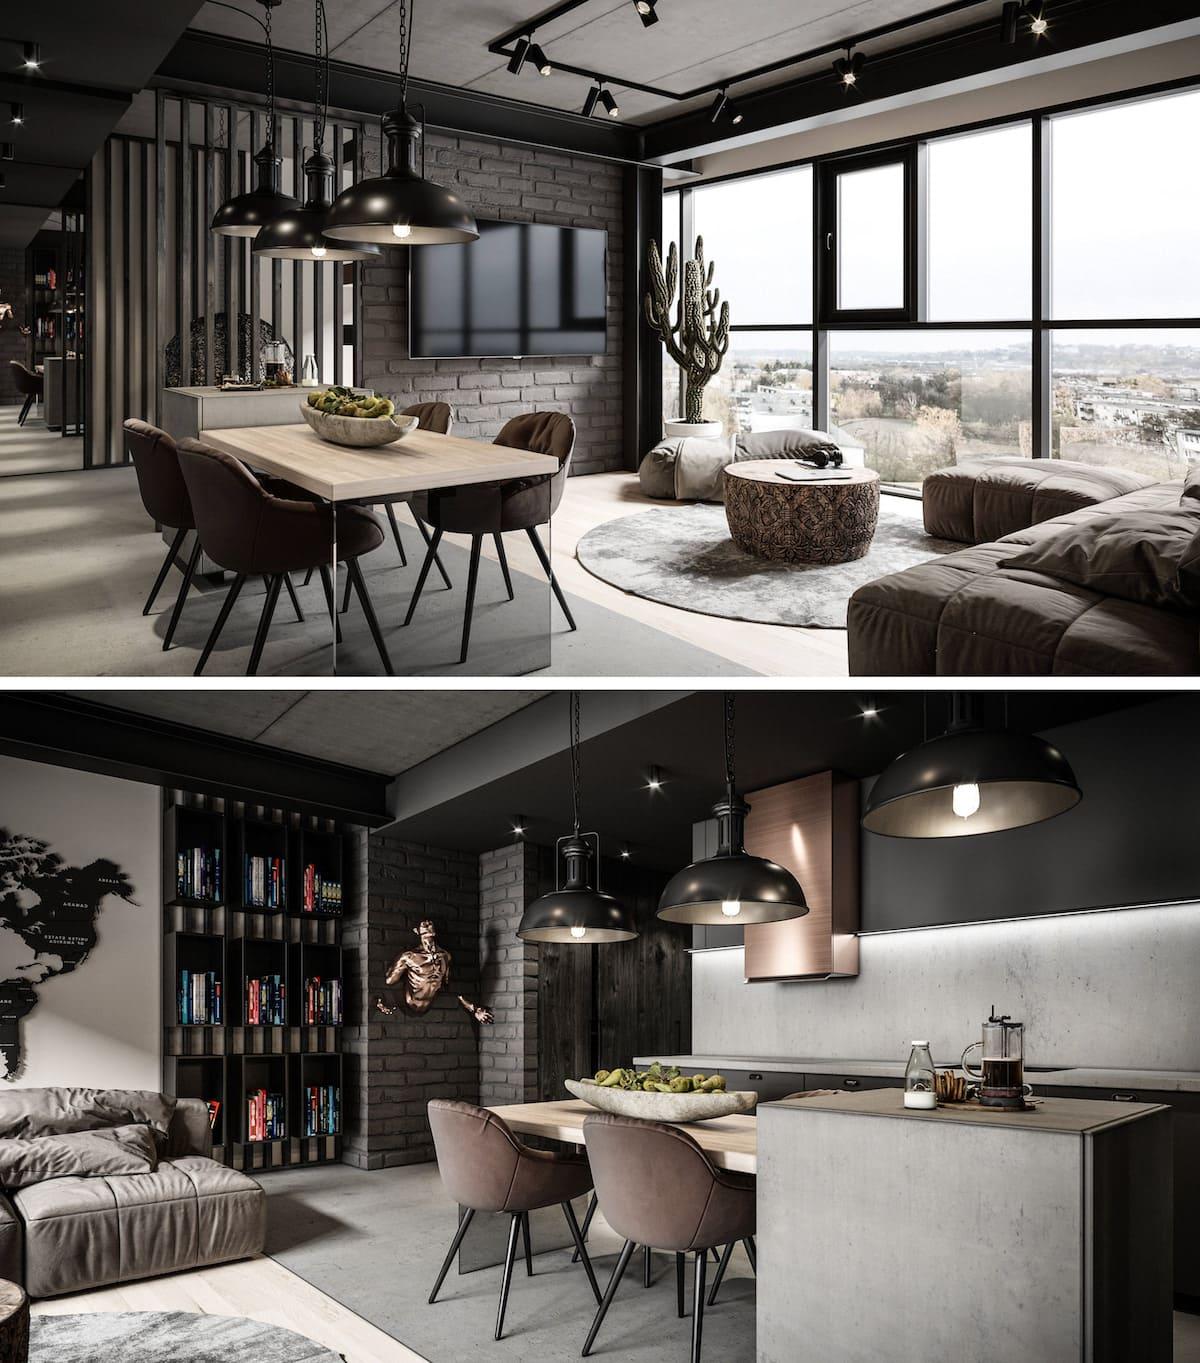 дизайн интерьера гостиной фото 31